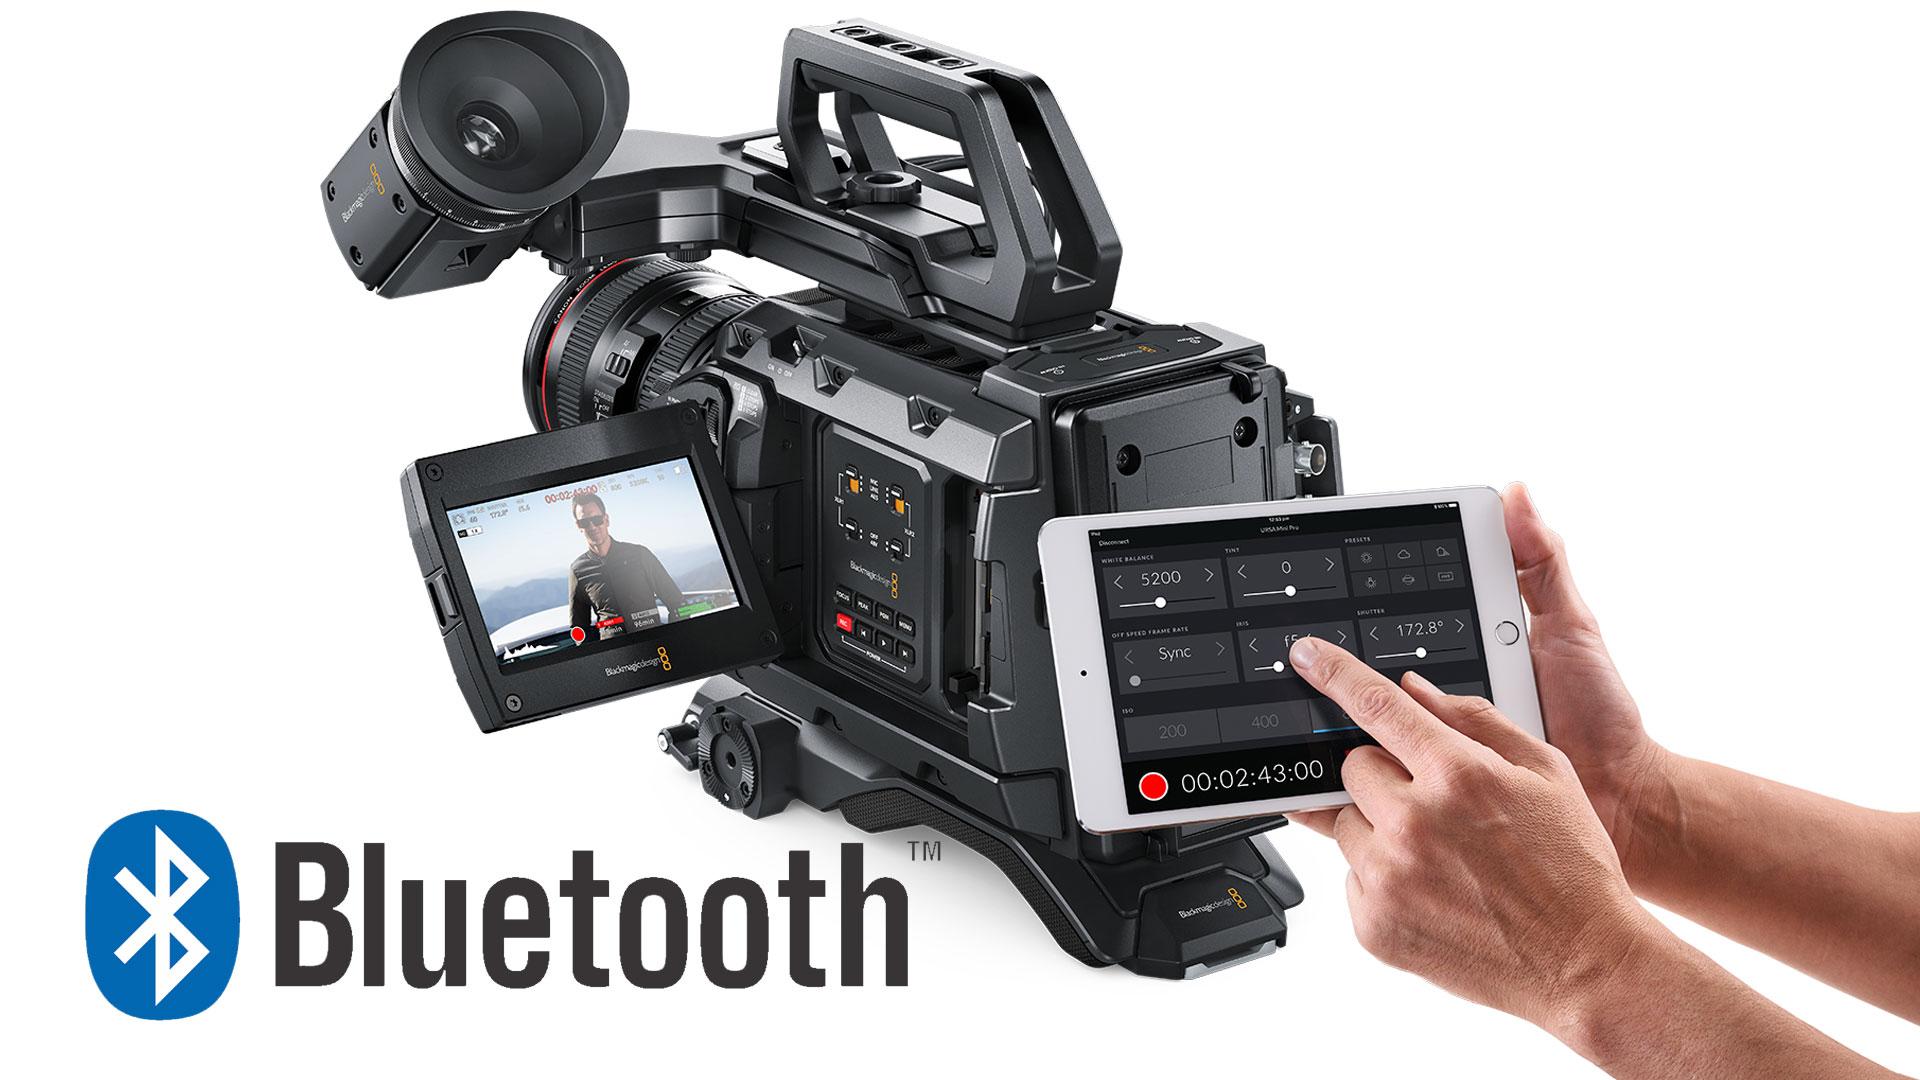 ブラックマジックデザインがFirmware4.4アップデートでBluetoothカメラコントロールをサポート